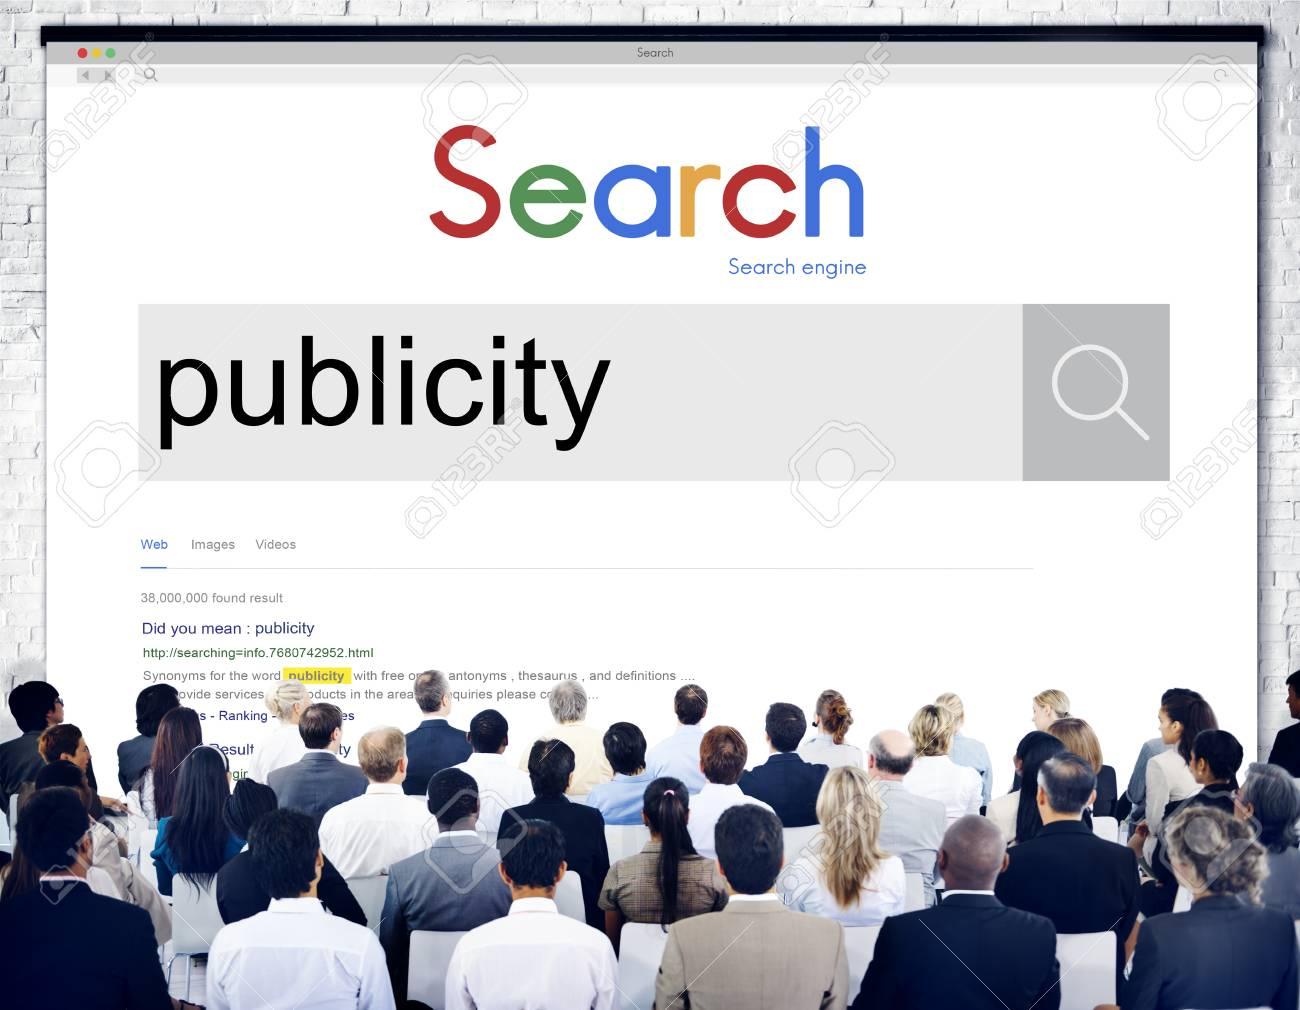 Publicity Public Attention Propaganda Boost Relation Concept - 54246131